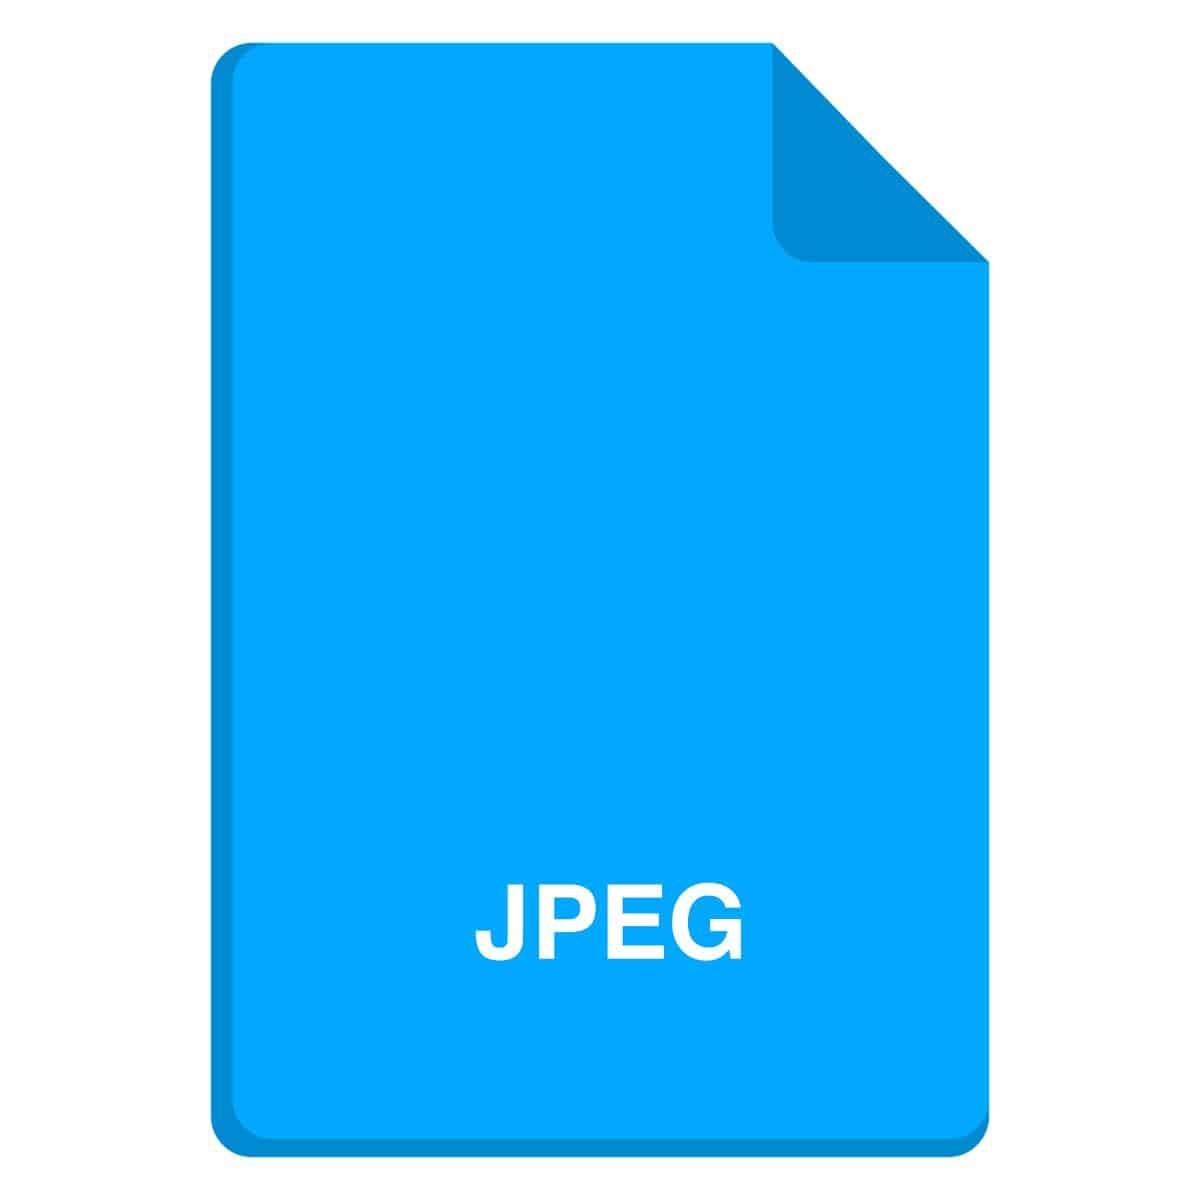 JPEG, JPG, JFIF